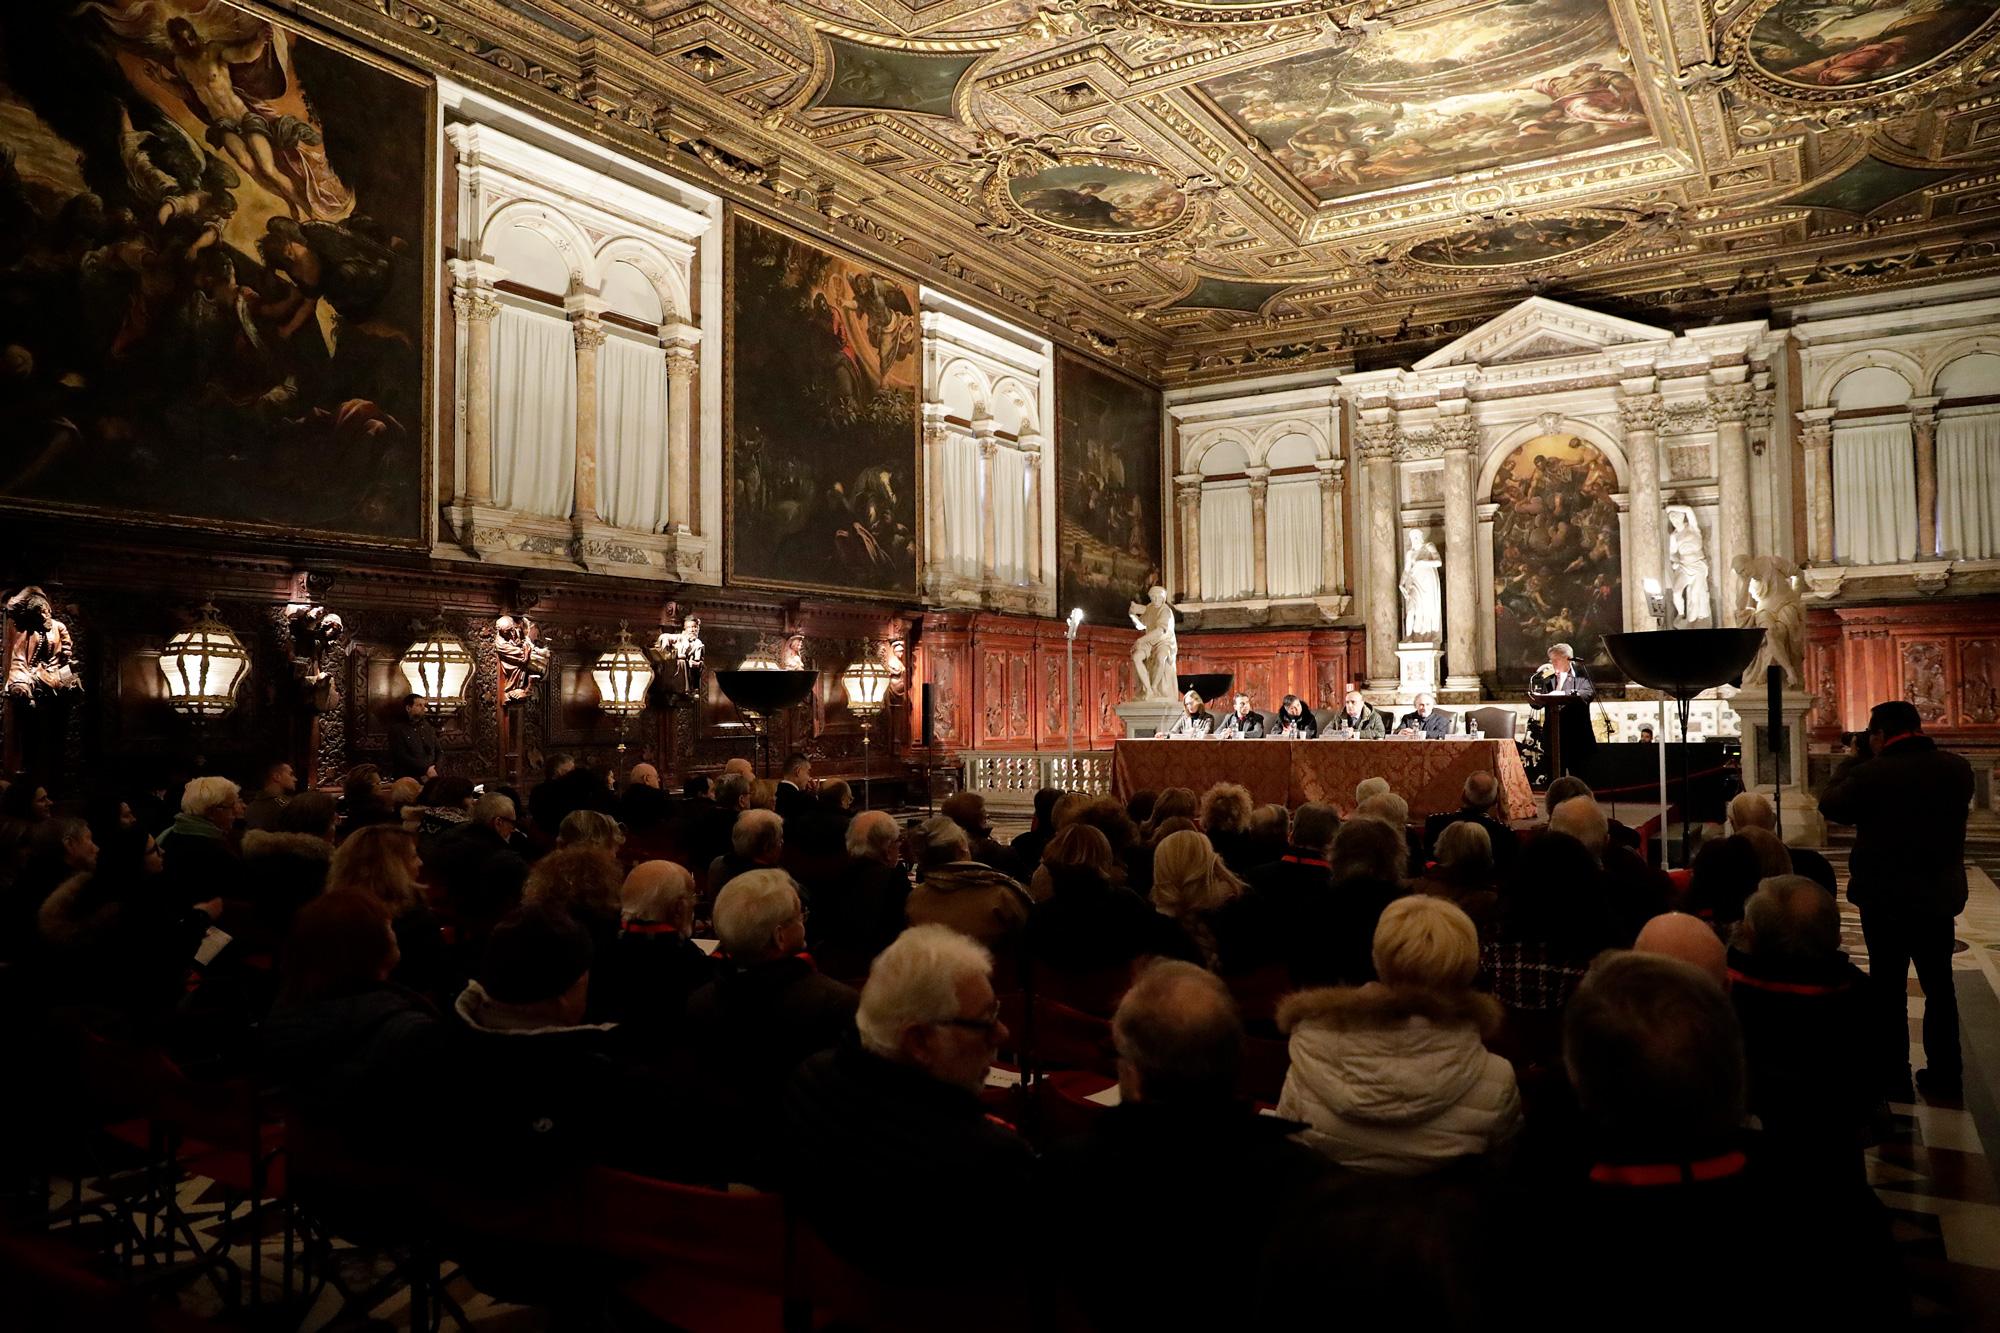 Escuela Grande de San Roque, Venice - Italy